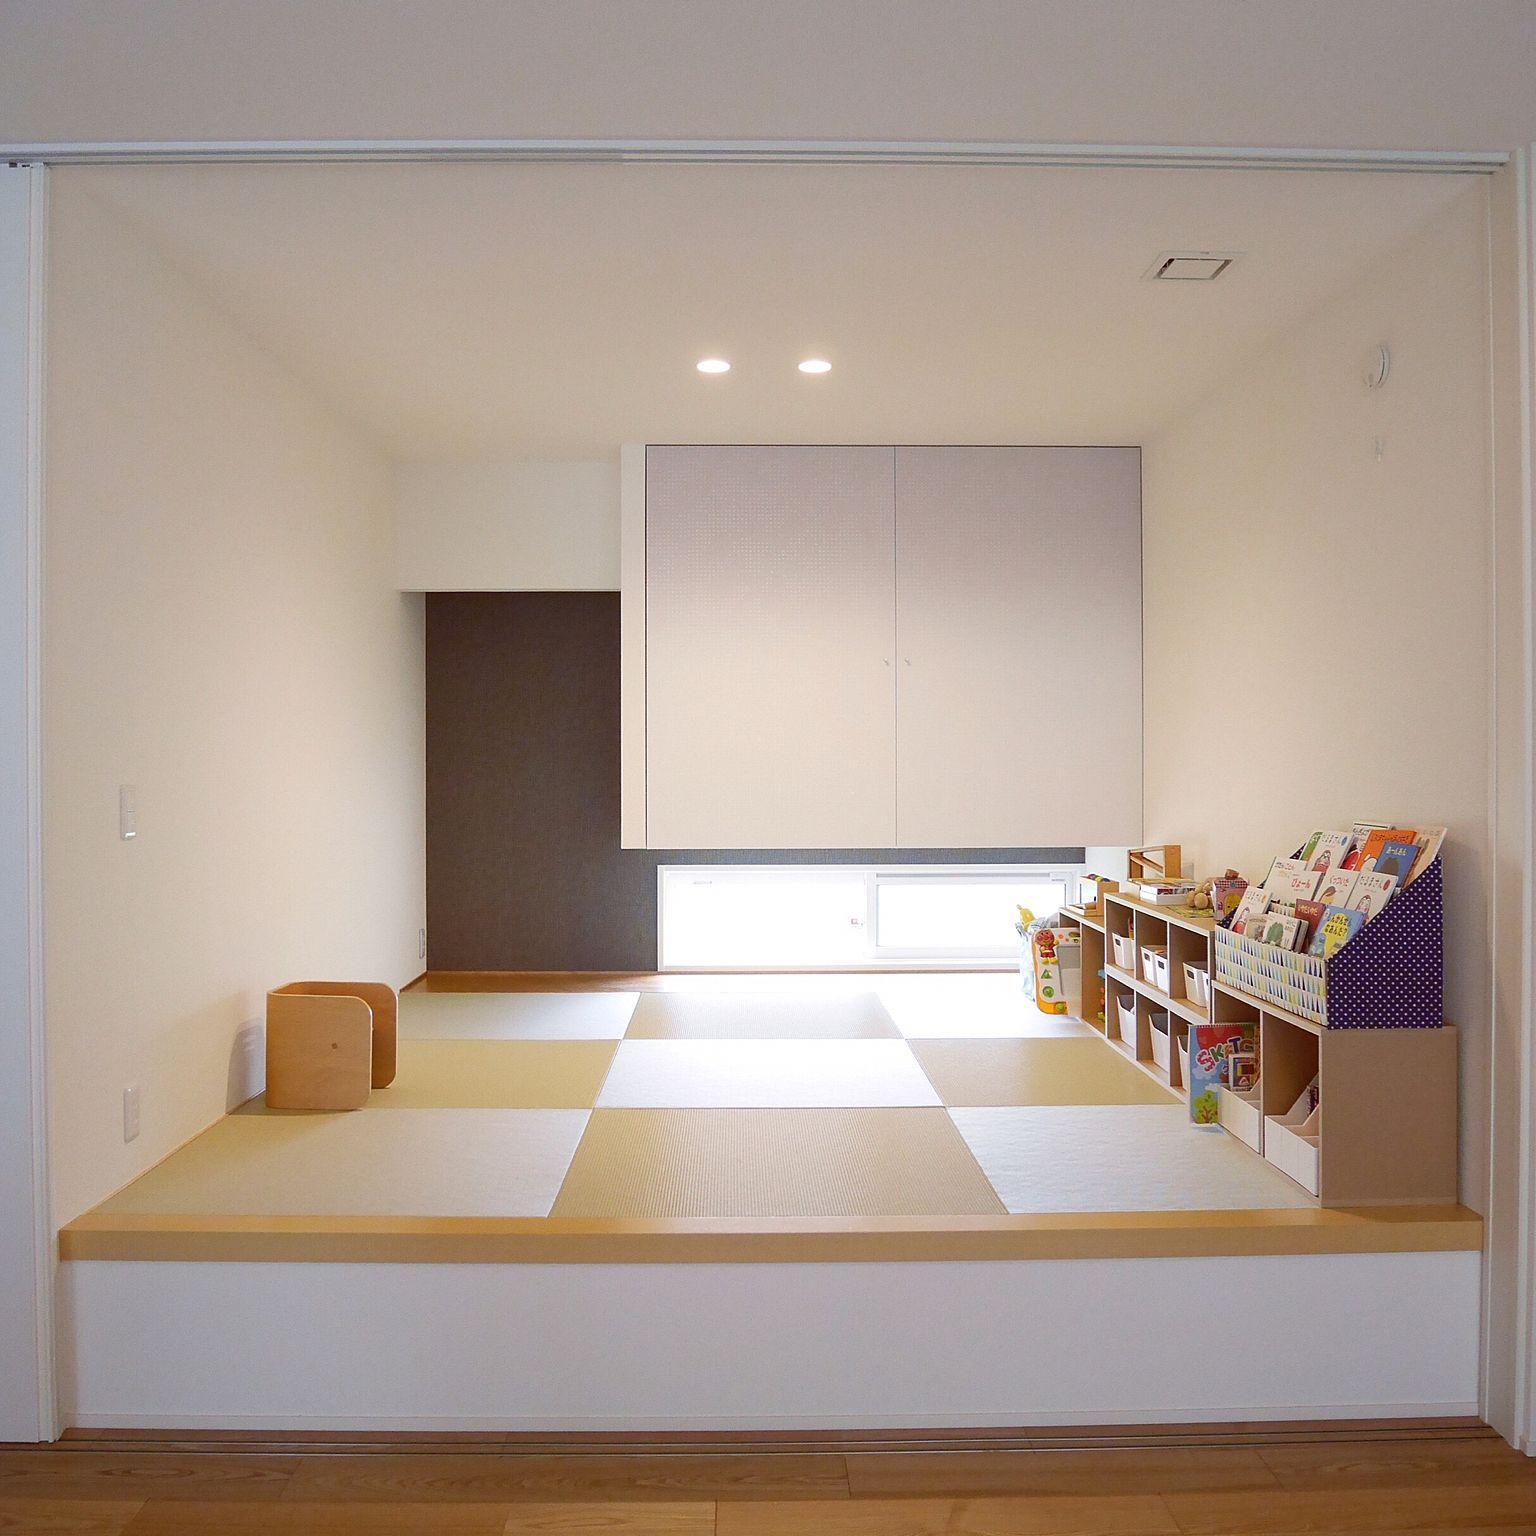 ユカハリタイル10枚セット DIY 畳 フローリング 無垢材 無印 muji